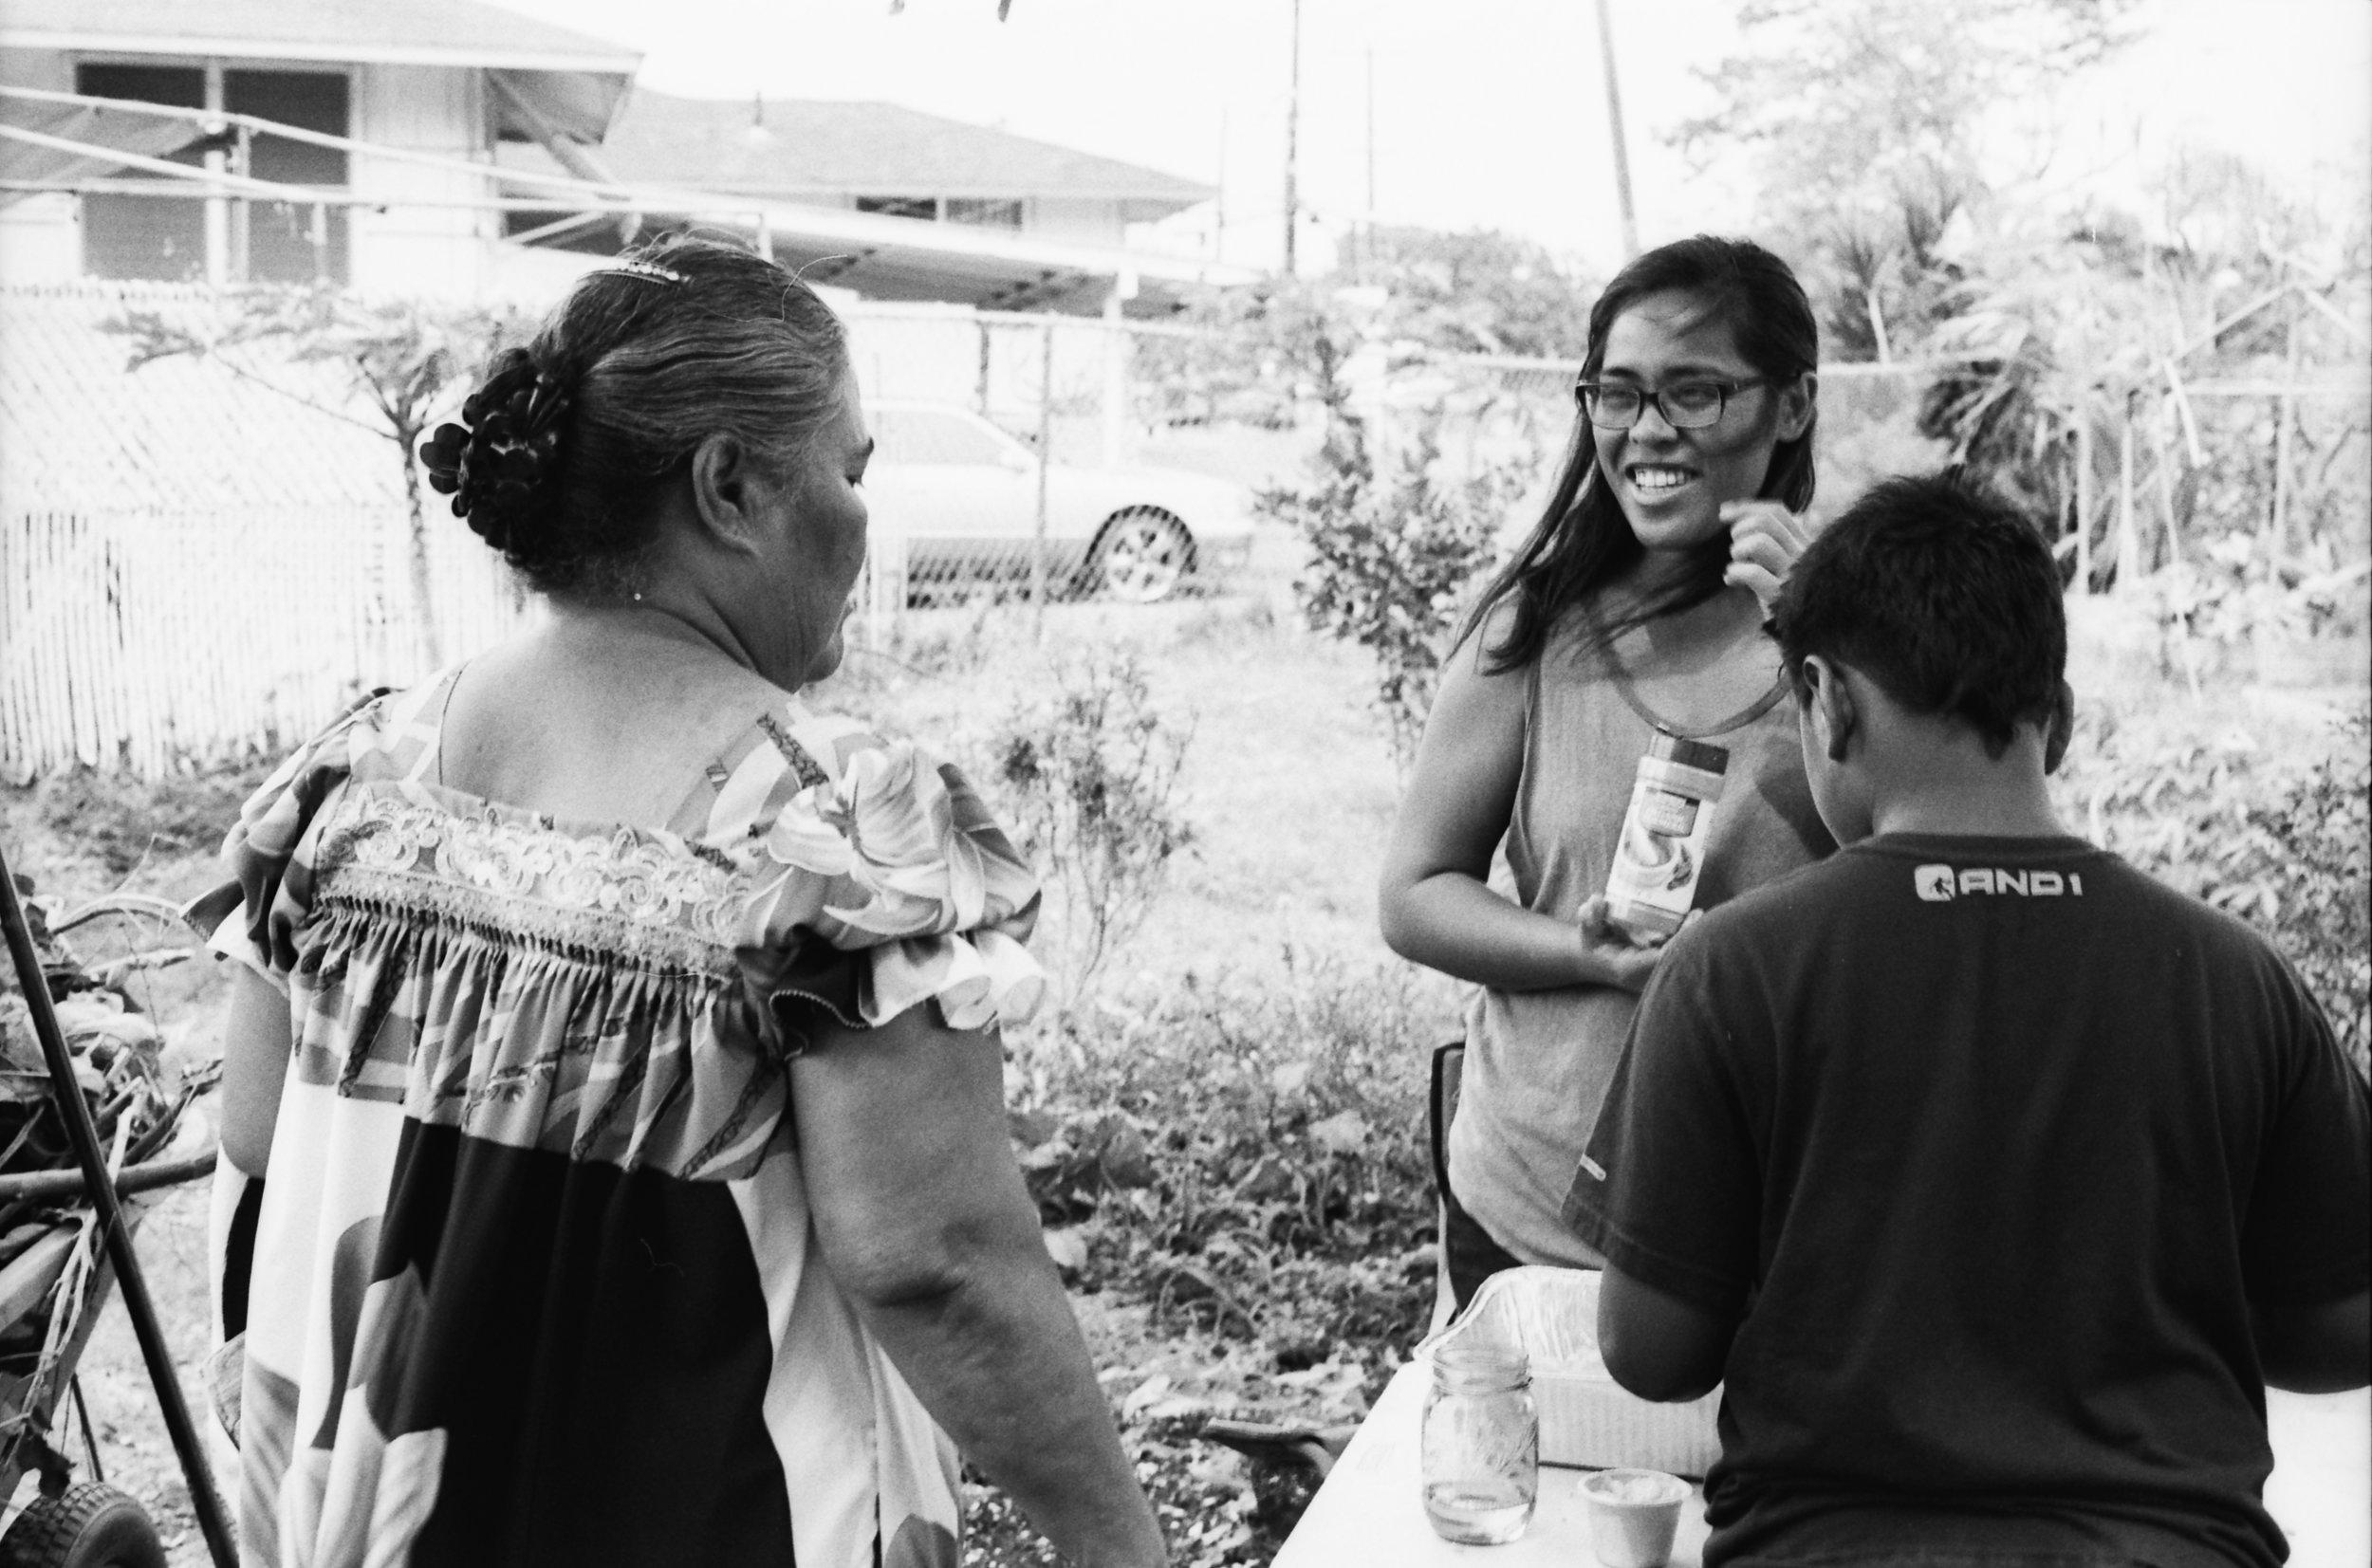 Mala O Kaluaopalena Community Garden at the Towers at Kuhio Park housing community